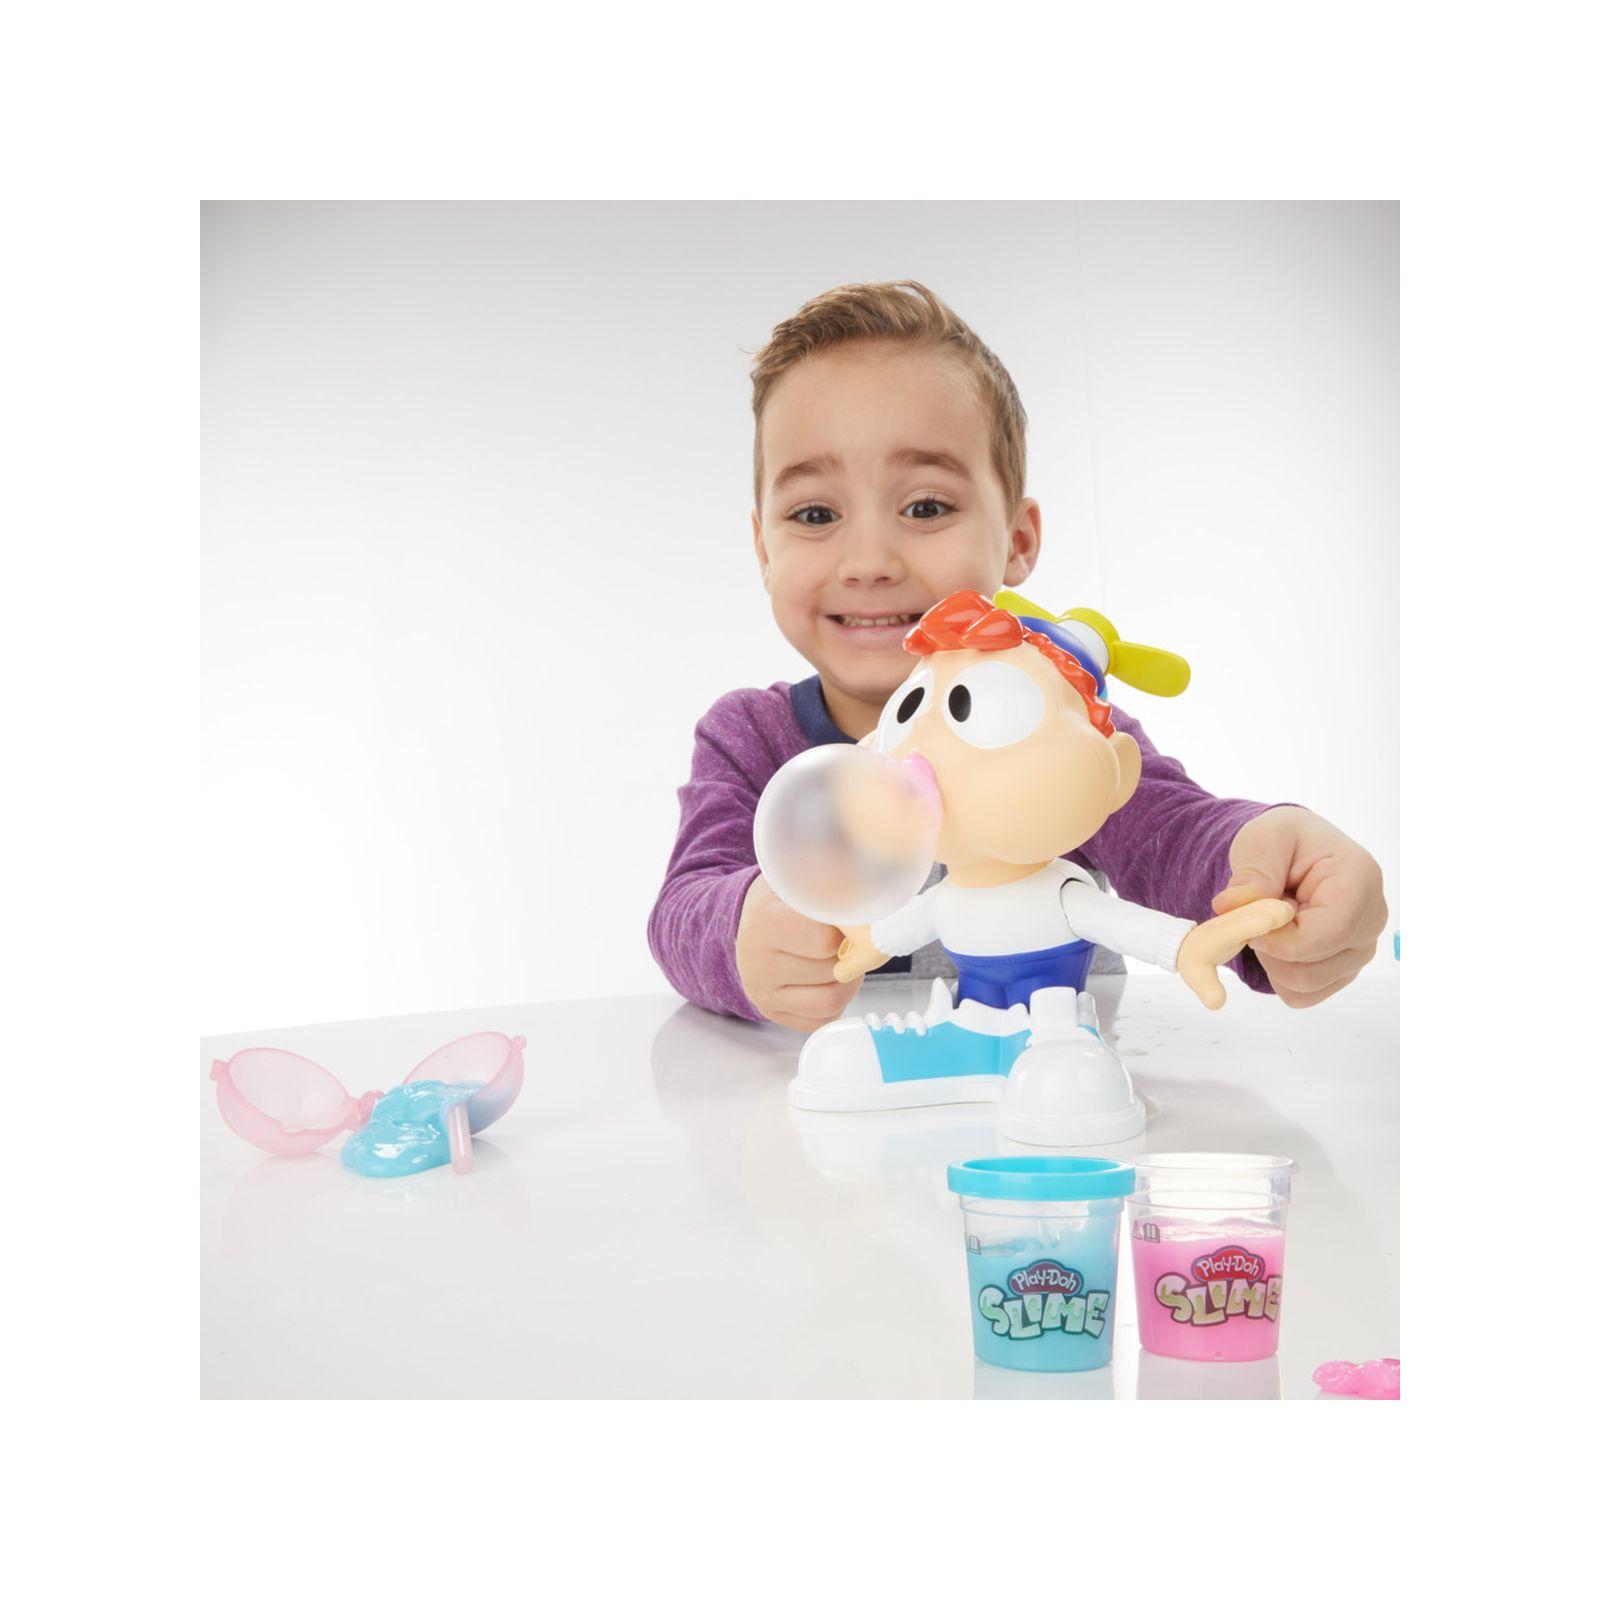 Play-doh - charlie masticone (playset con 2 vasetti rosa e blu di composto play-doh slime) -